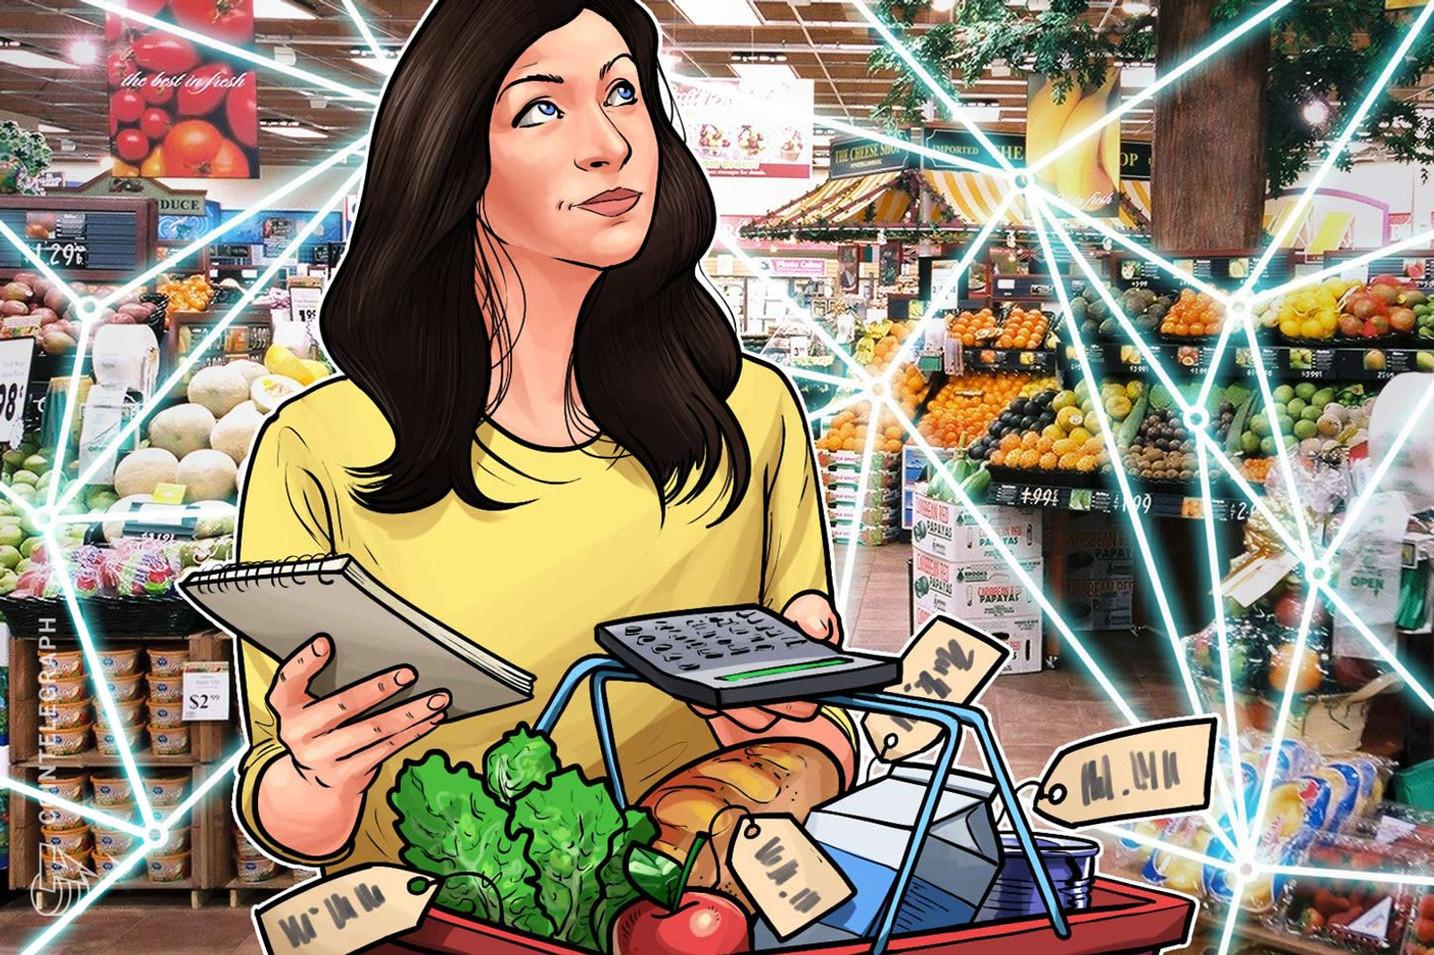 米小売大手ウォルマート、ステーブルコイン発行の可能性 仮想通貨リブラのライバルか